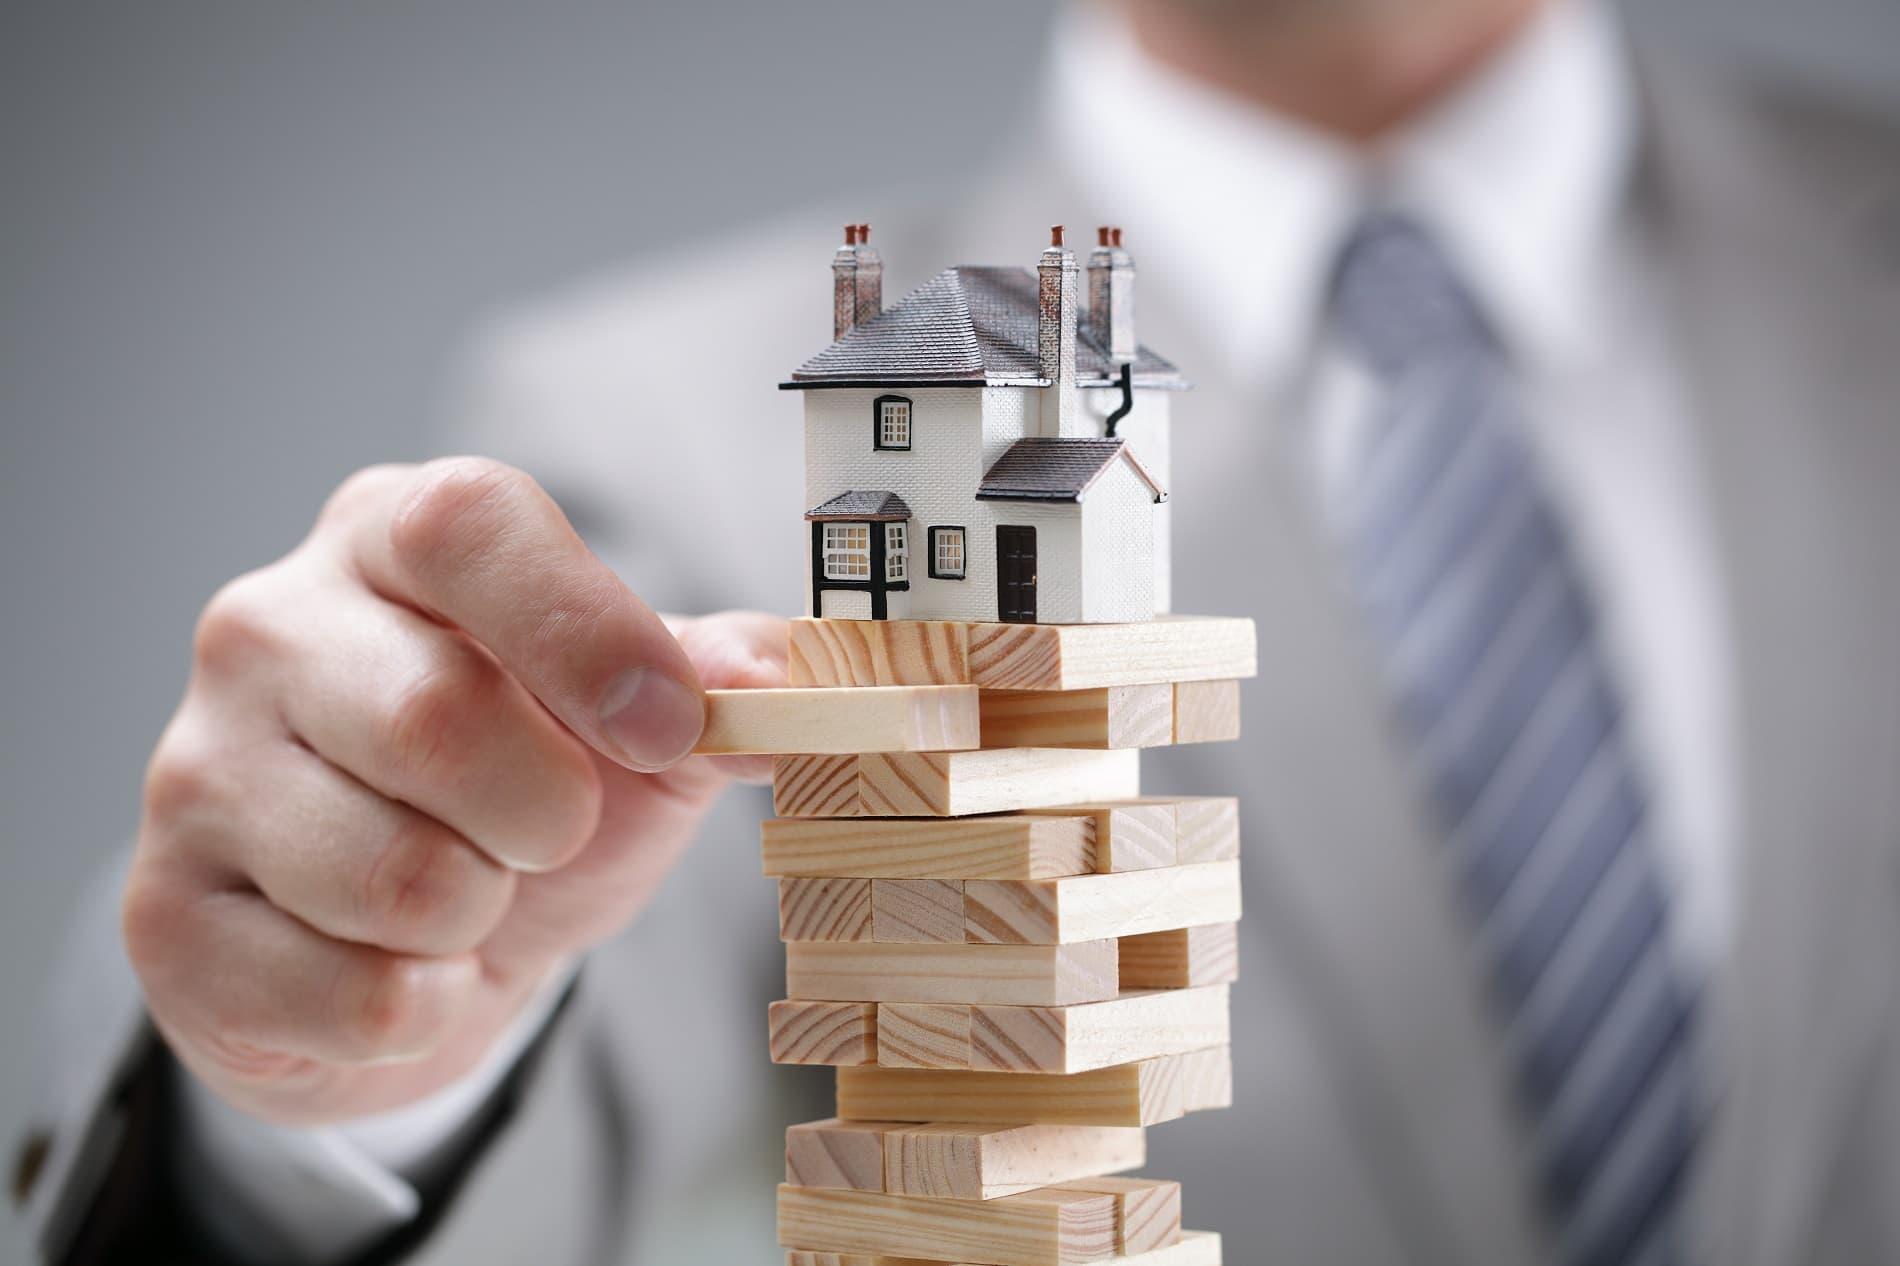 Inquilinos com mais poder no direito de preferência na venda de imóveis arrendados